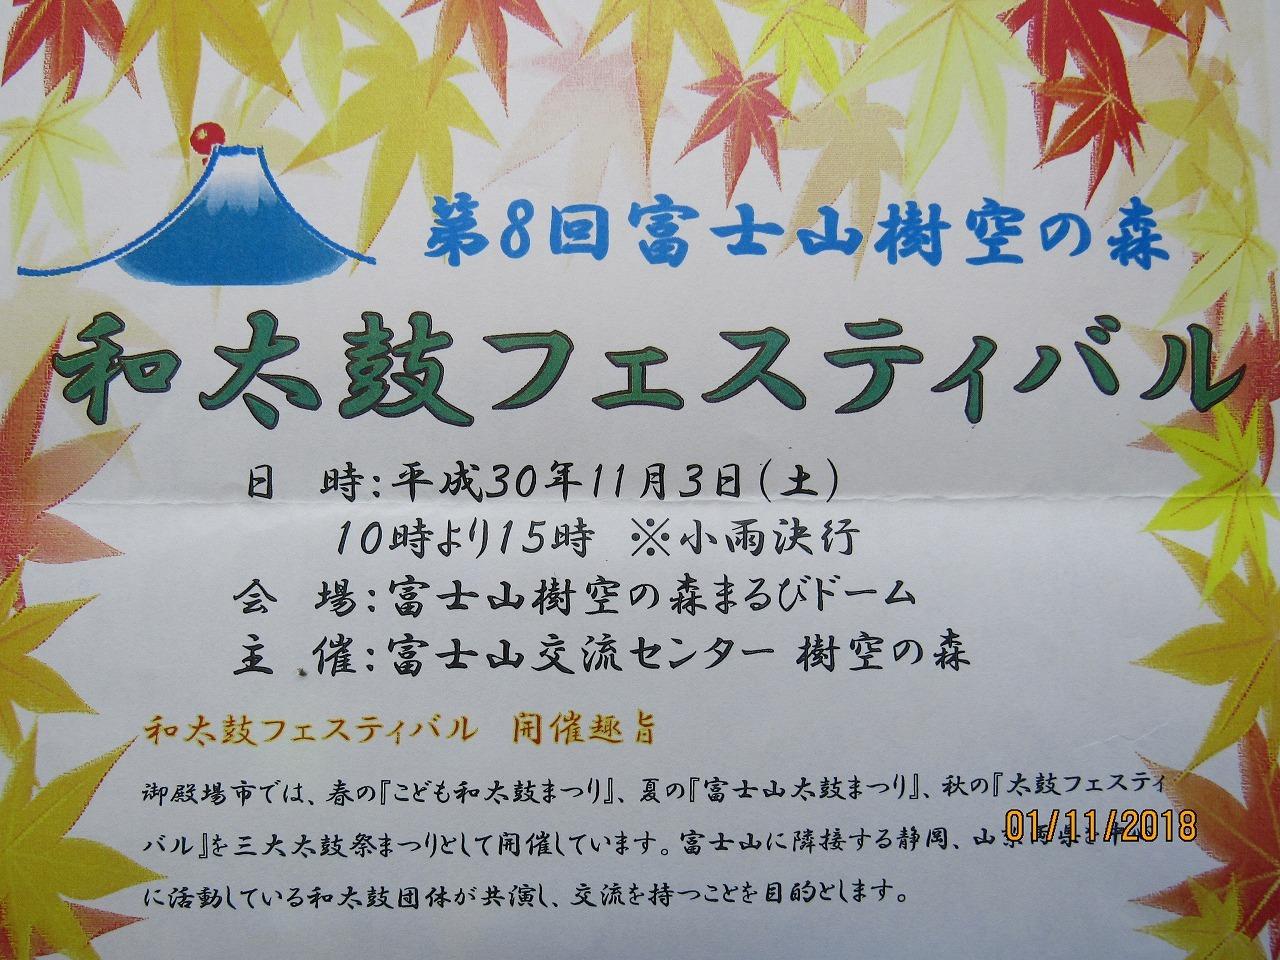 第8回富士山樹空の森和太鼓フェスティバル_e0185893_15544312.jpg